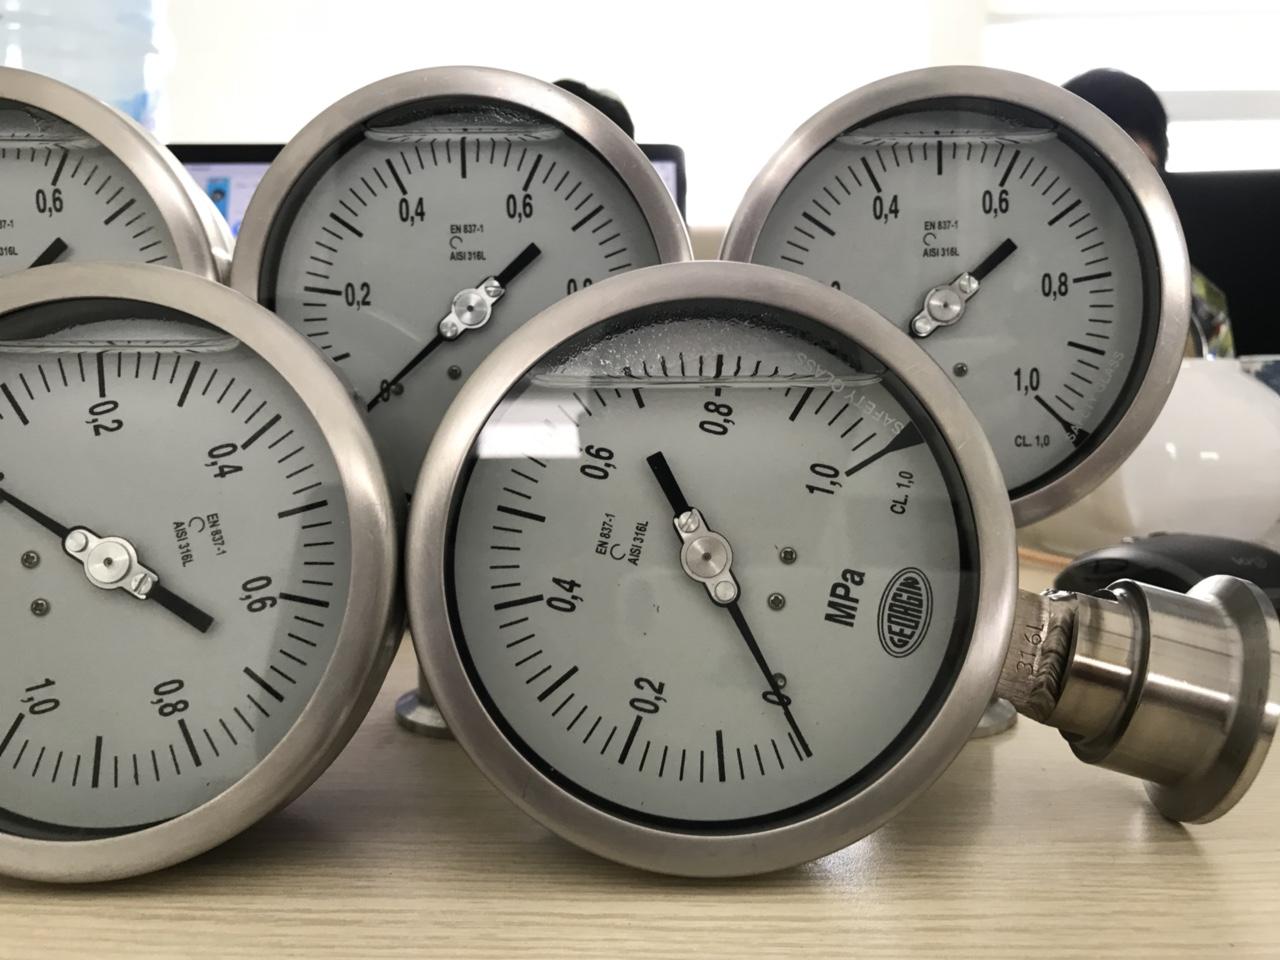 Đồng hồ áp suất màng đo hóa chất M5000 Pháp